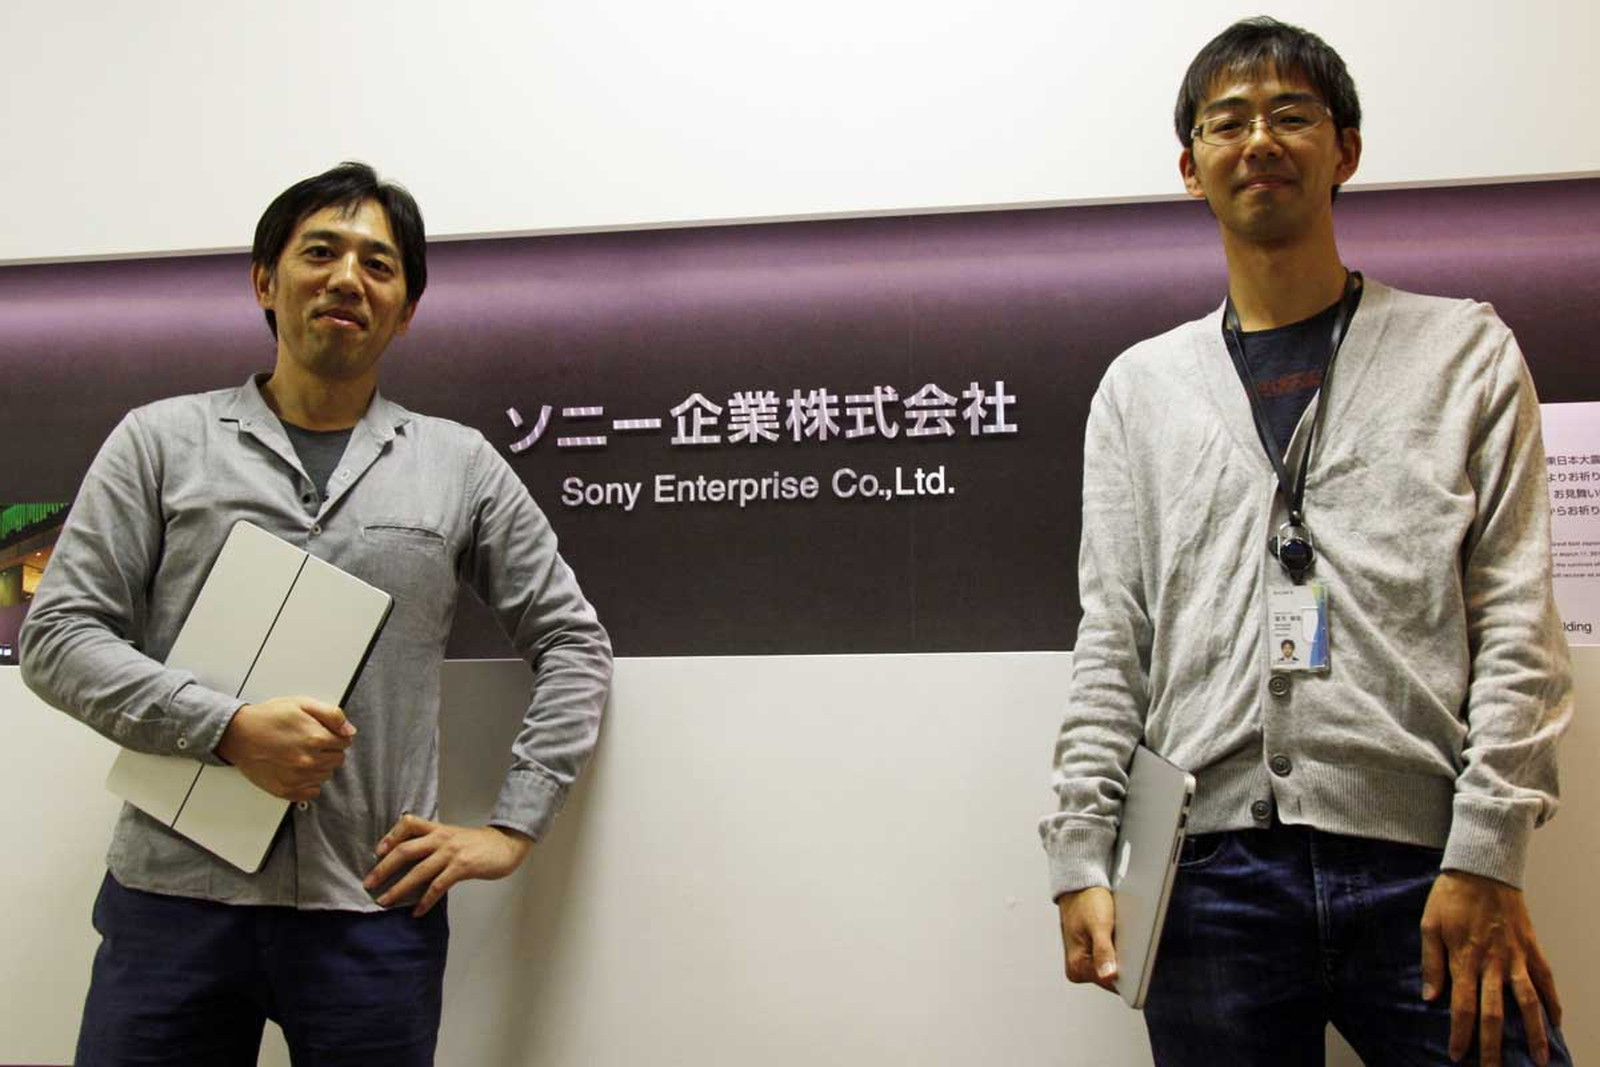 「舞台めぐり」アプリ開発のキーマンである安彦剛志氏(左)と望月俊助氏(右)。おふたりとも、ソニー企業株式会社事業開発室コンテンツツーリズム課の所属